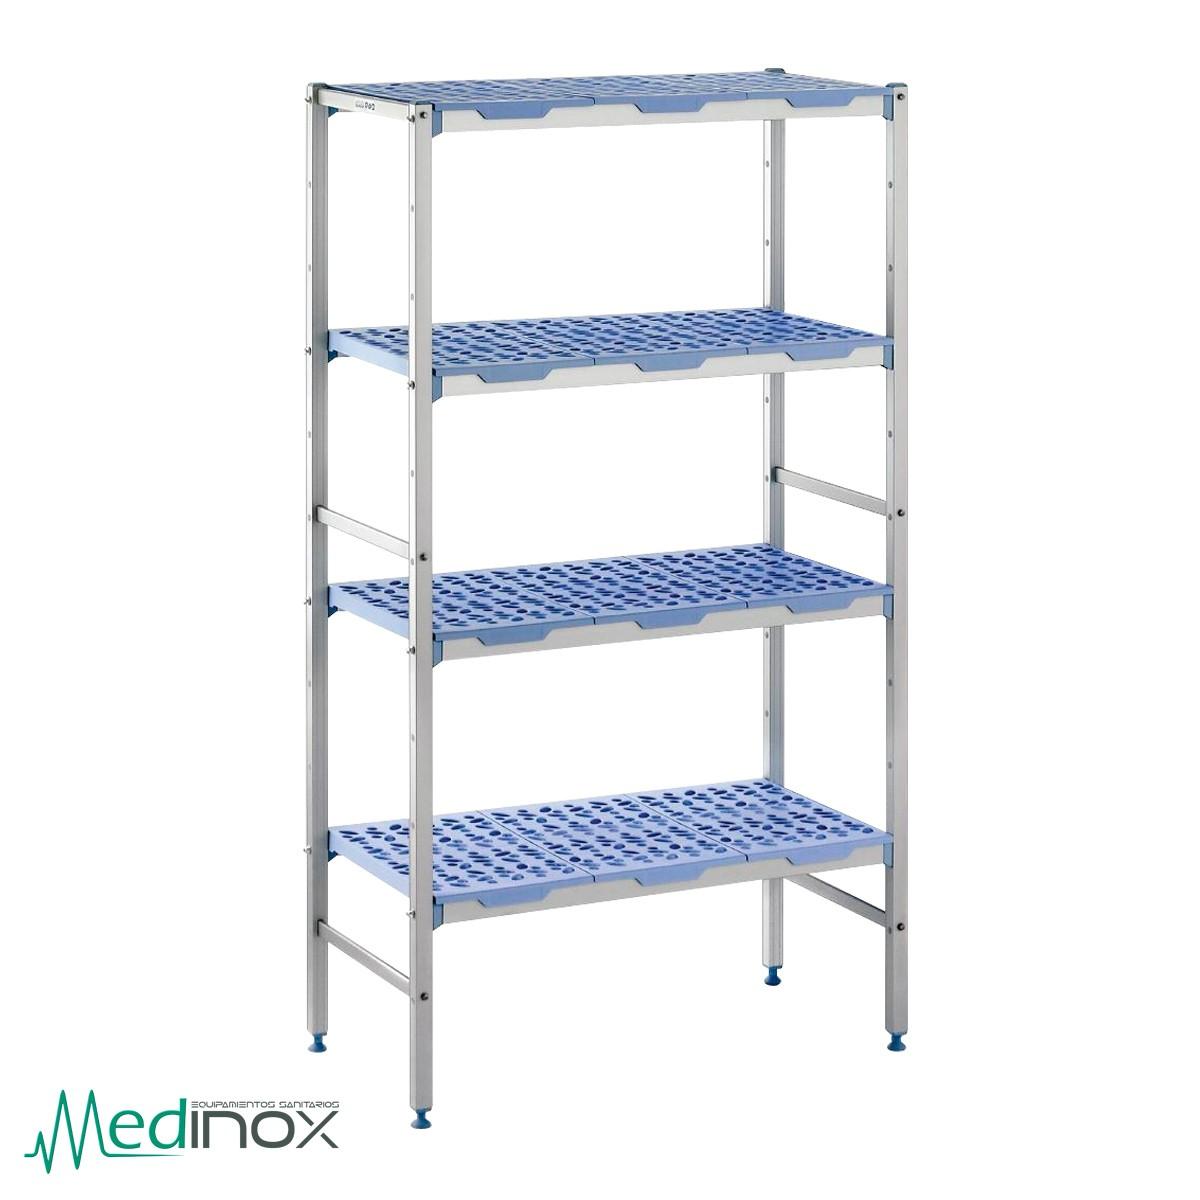 Estanterias metalicas NIGM600, estanterias industriales con 4 estantes